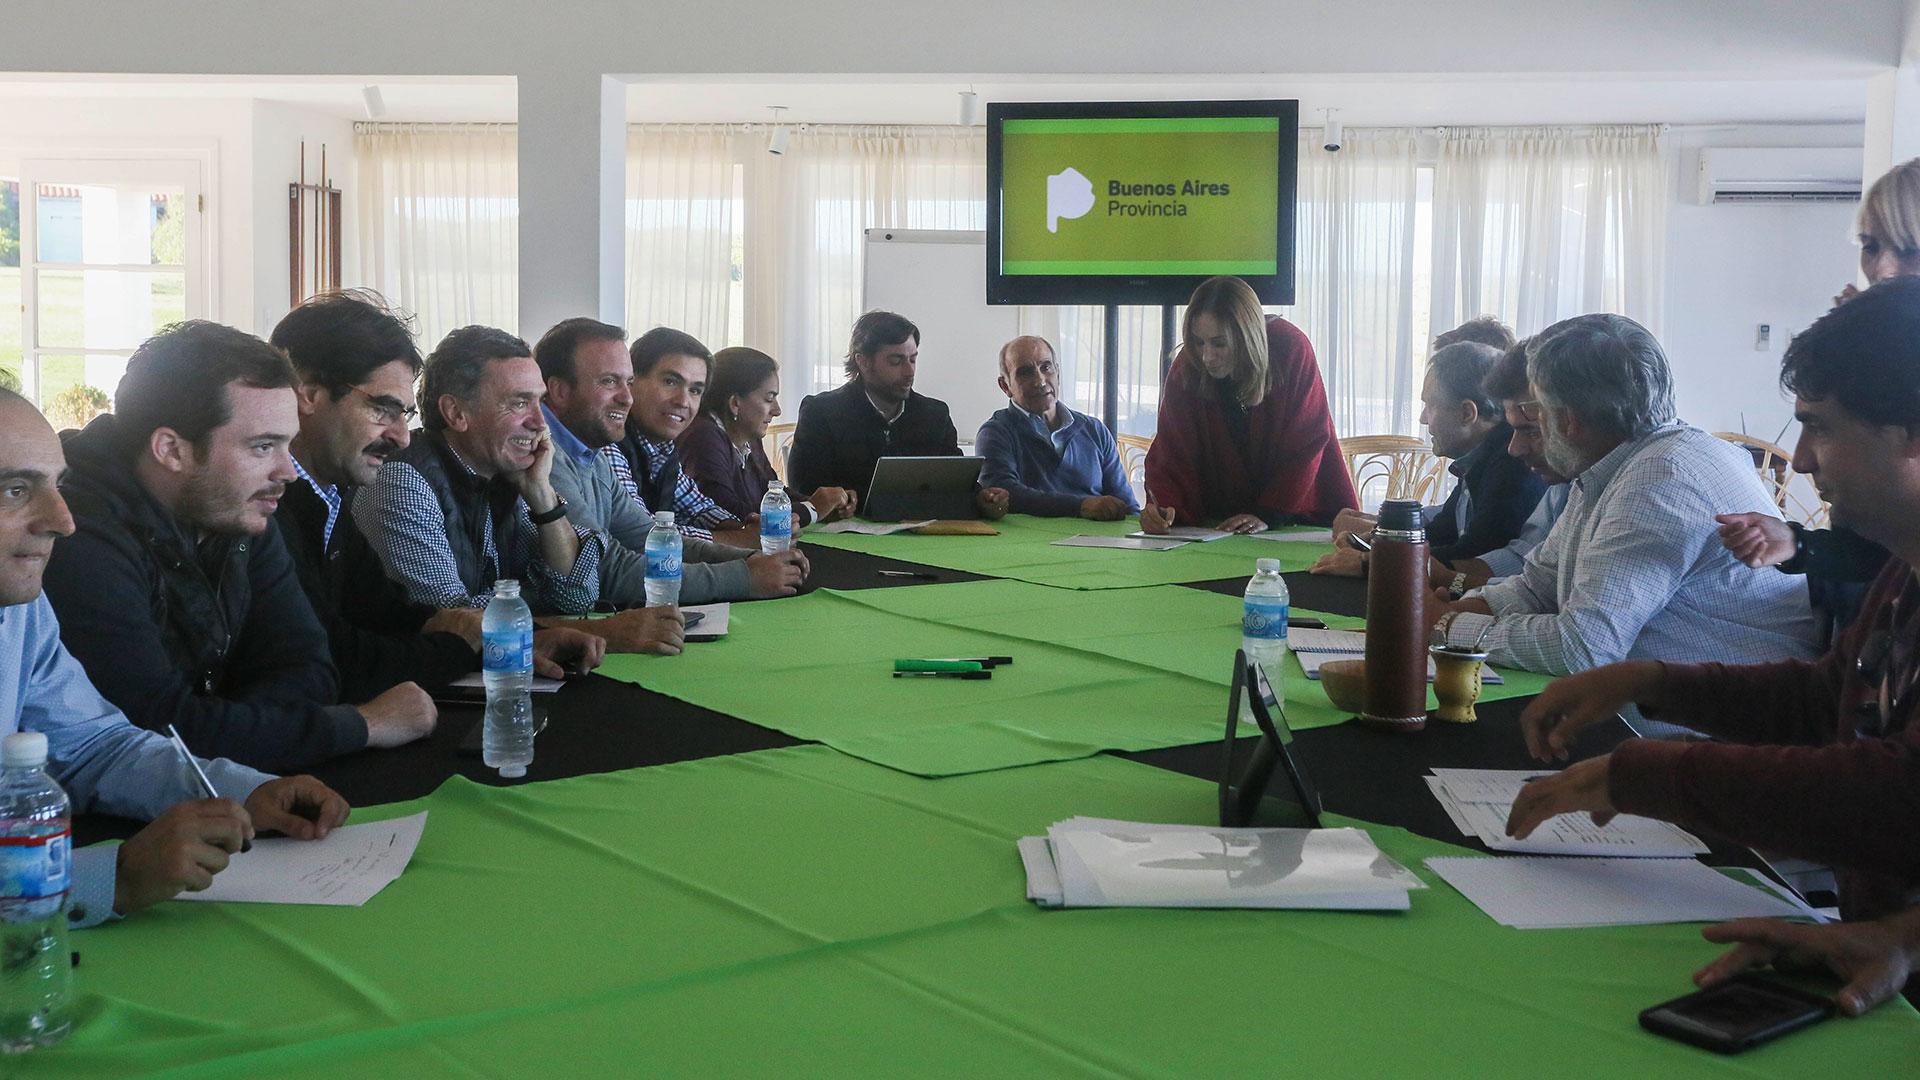 Una de las reuniones de trabajo en Chapadmalal del equipo de María Eugenia Vidal.